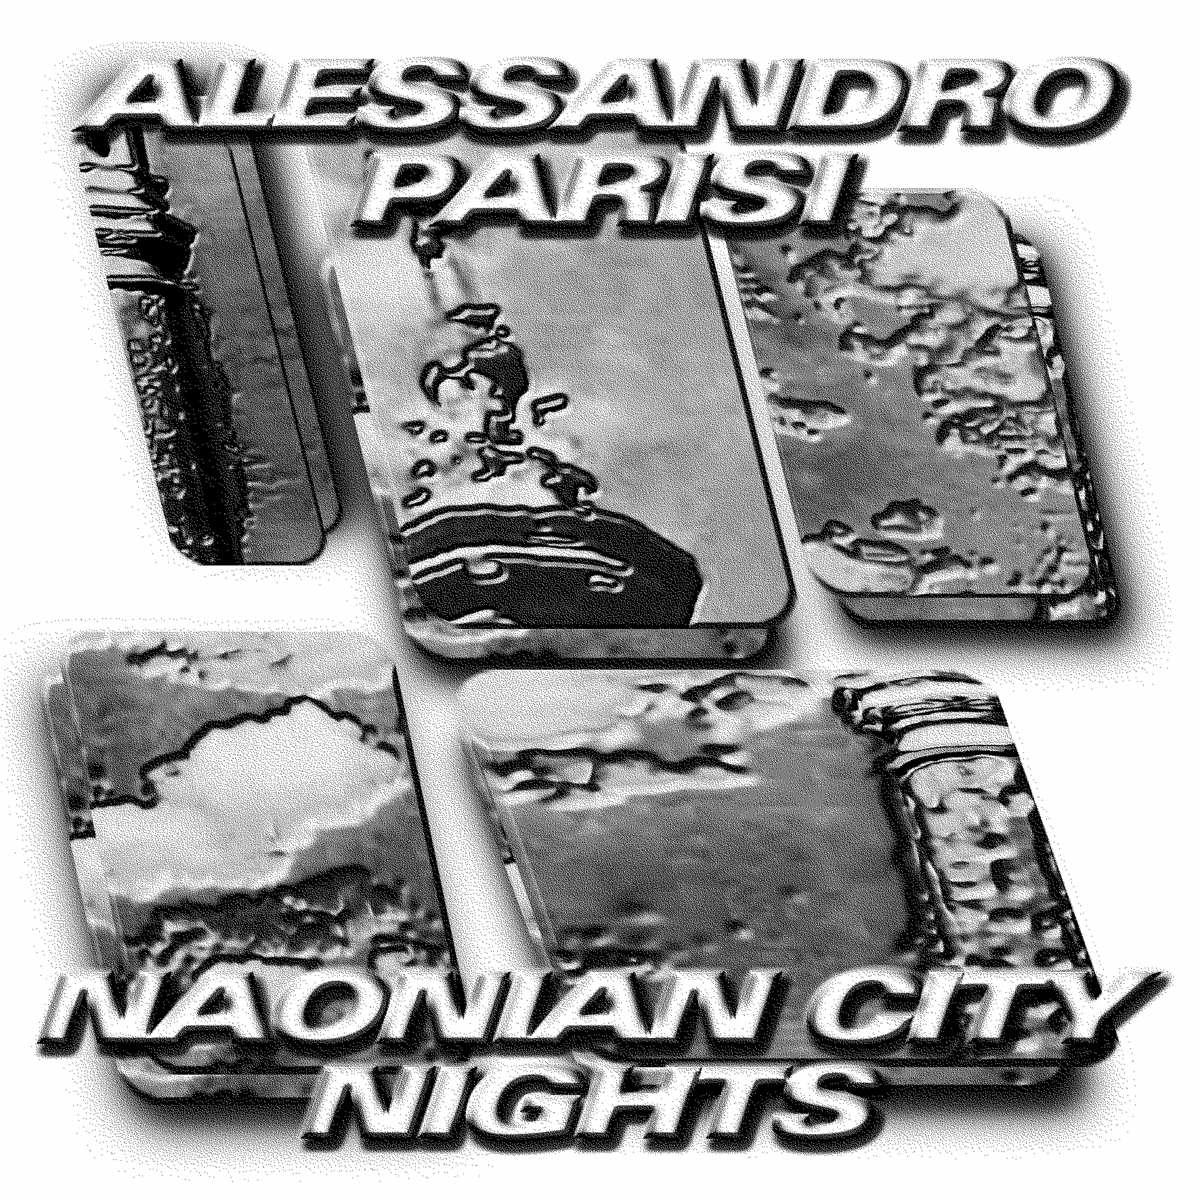 Alessandro Parisi- Naonian City Nights EP [Charlois] (2016)